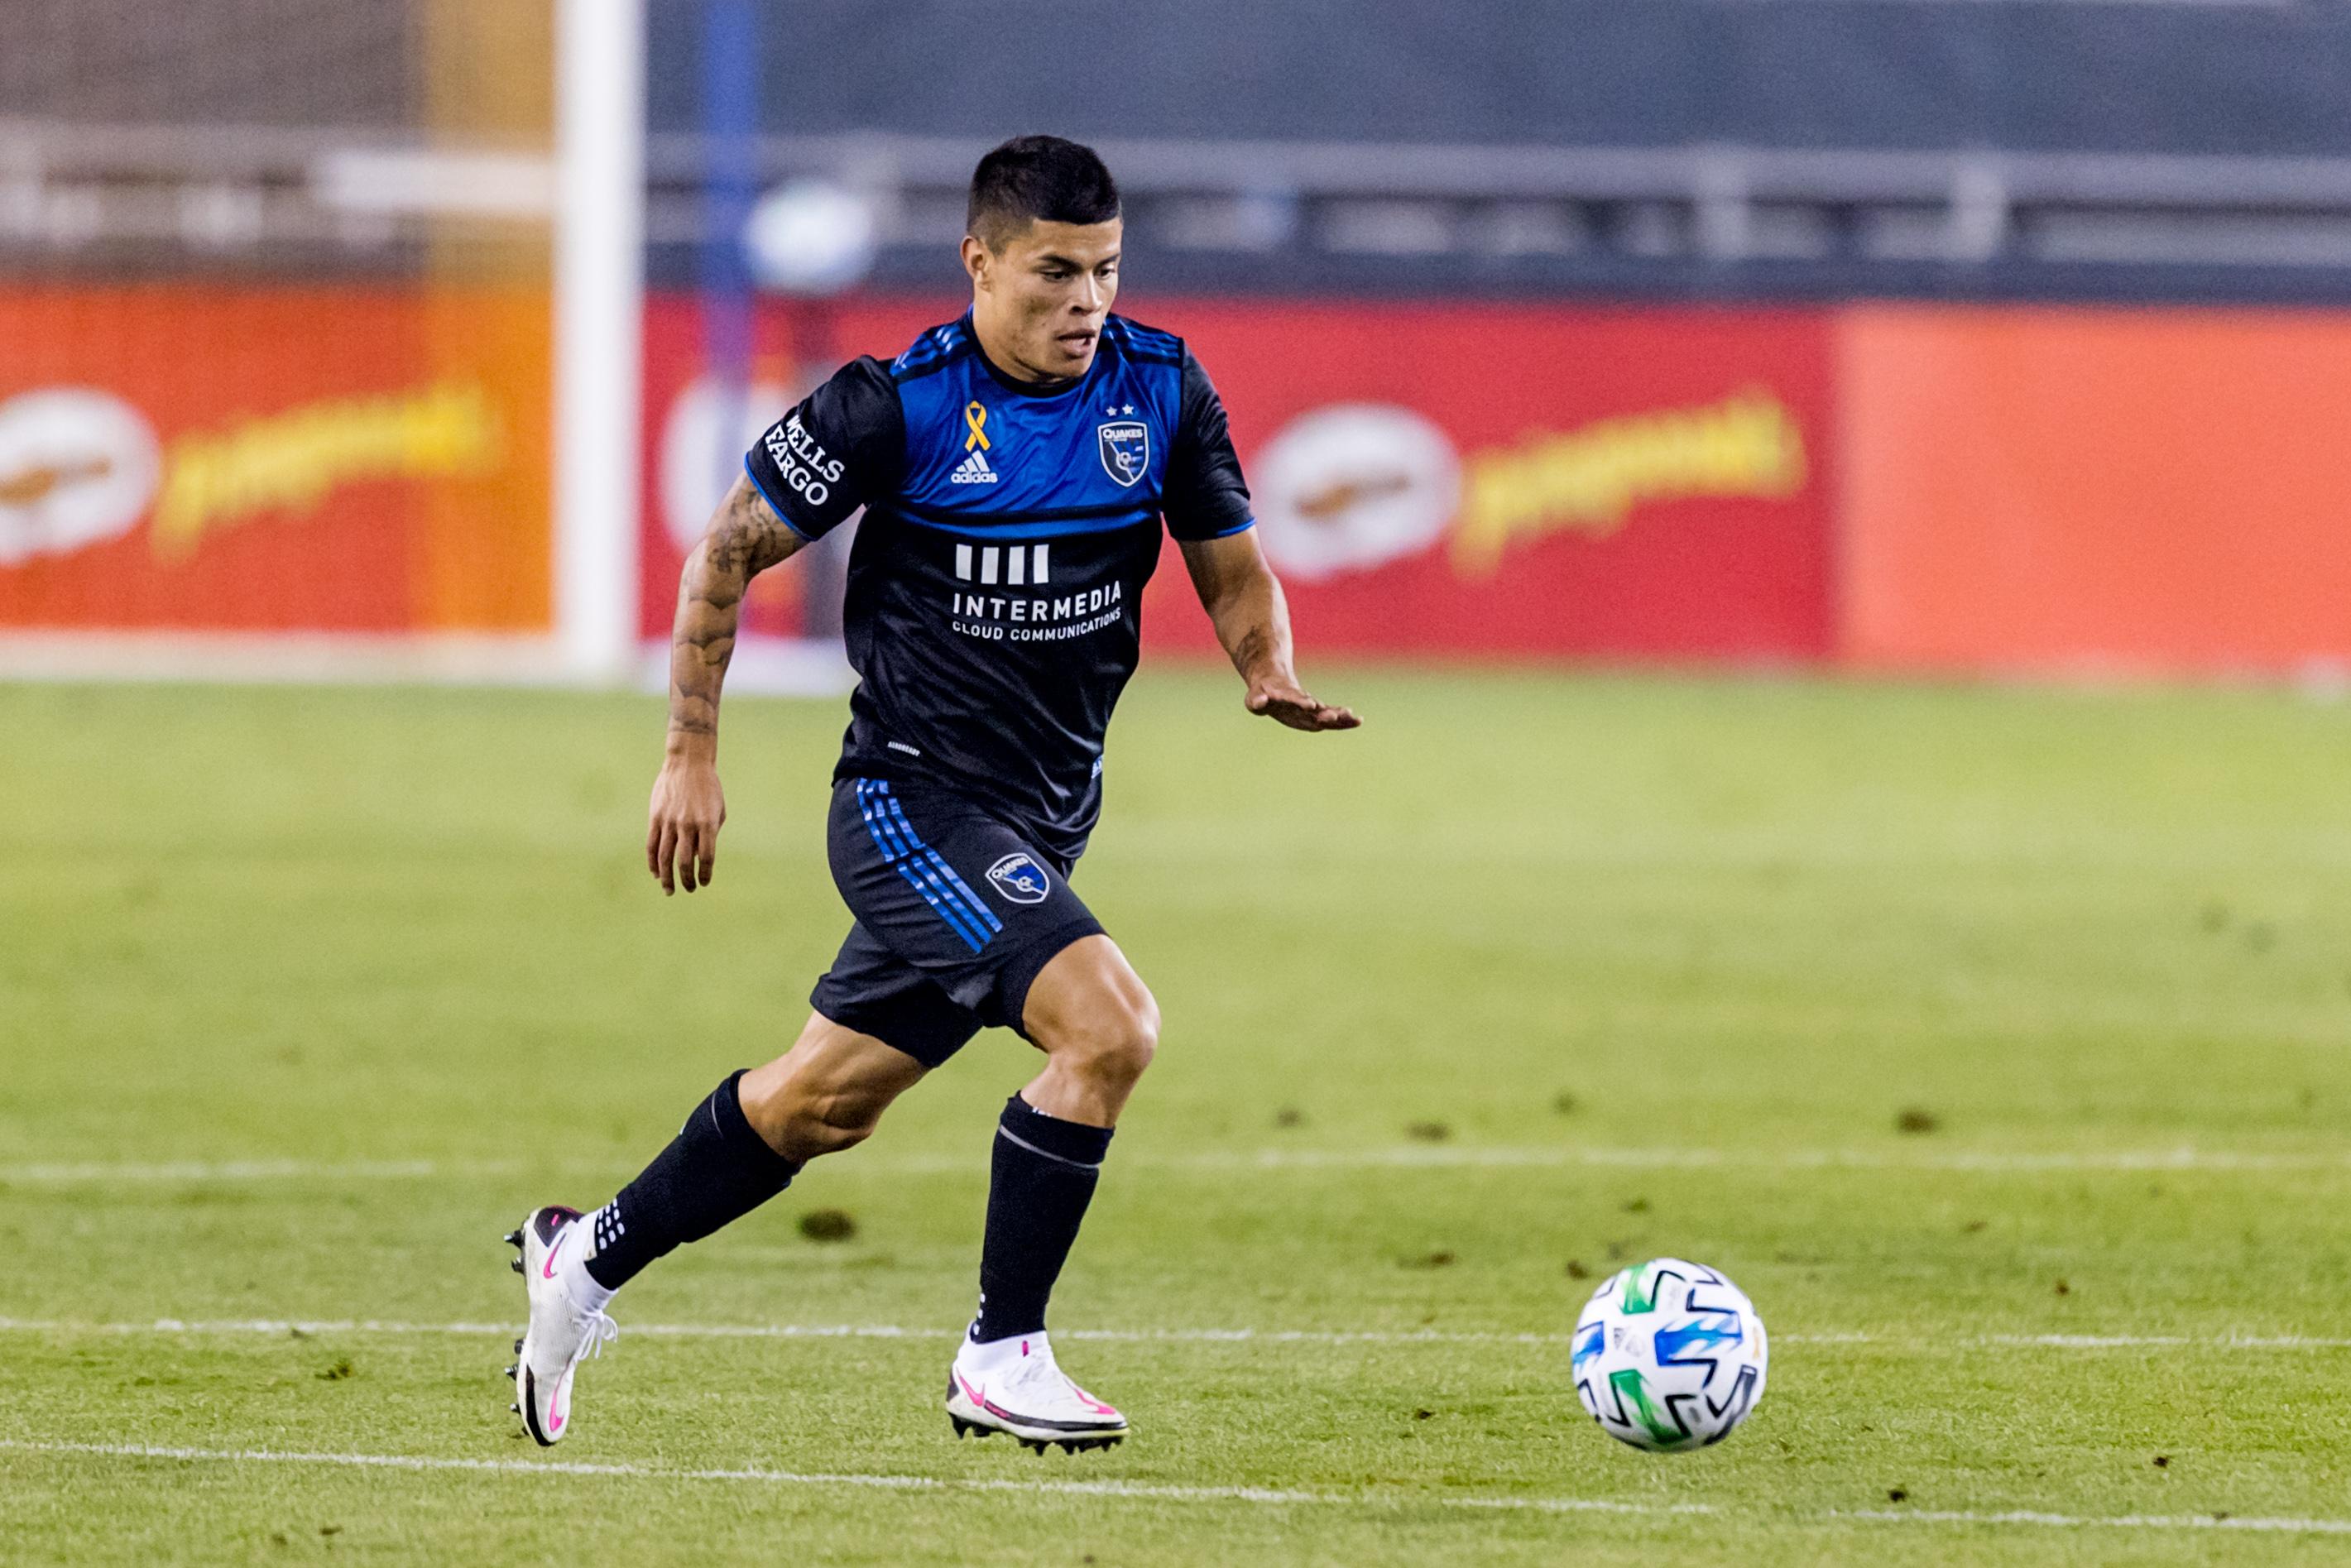 SOCCER: SEP 13 MLS Los Angeles Galaxy at San Jose Earthquakes